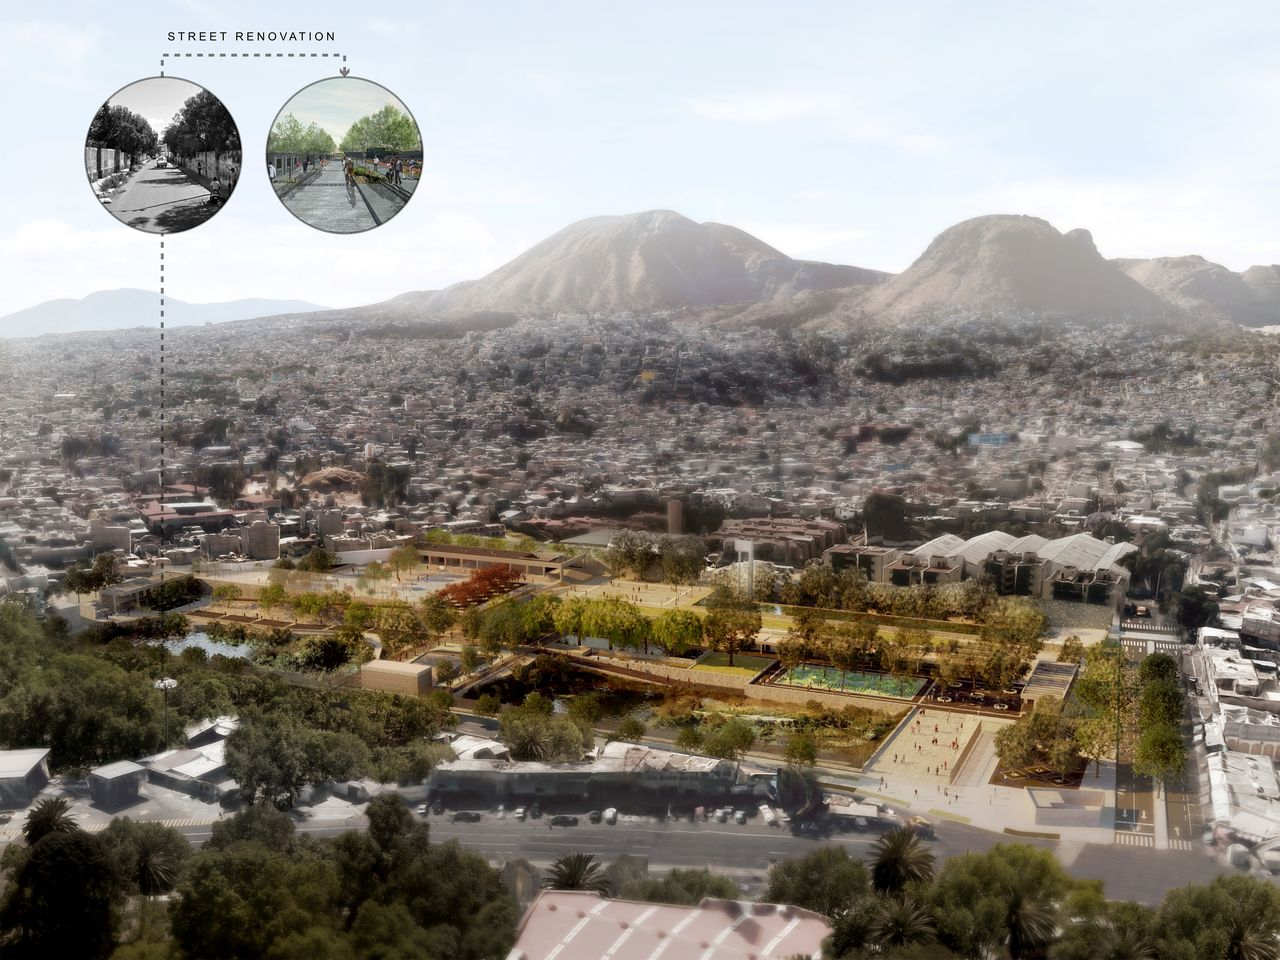 """El proyecto """"Parque Hídrico Quebradora"""" es un complejo para la retención y el tratamiento de agua en Santa Catarina, en la delegación Iztapalapa, una de las zonas con mayor carencia de este líquido en la Ciudad de México : Fotografía cortesía de © LafargeHolcim Foundation"""